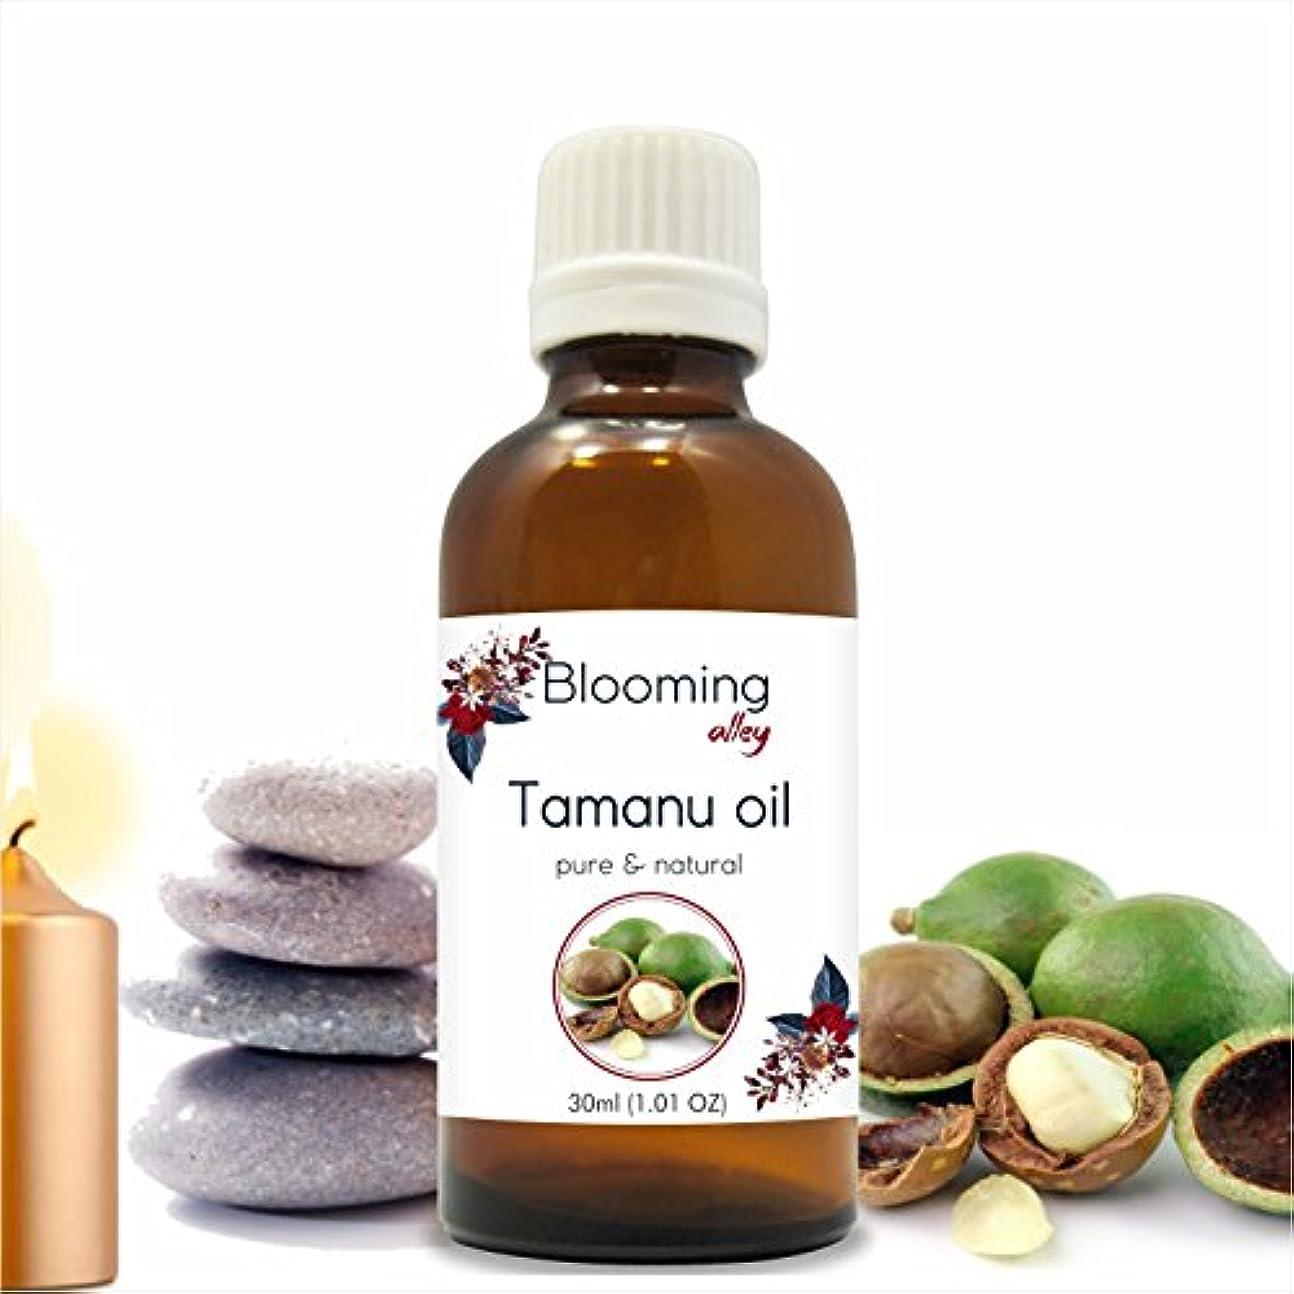 ニュージーランドウェイター保険Tamanu Oil(Calophyllum Inophyllum) 30 ml or 1.0 Fl Oz by Blooming Alley